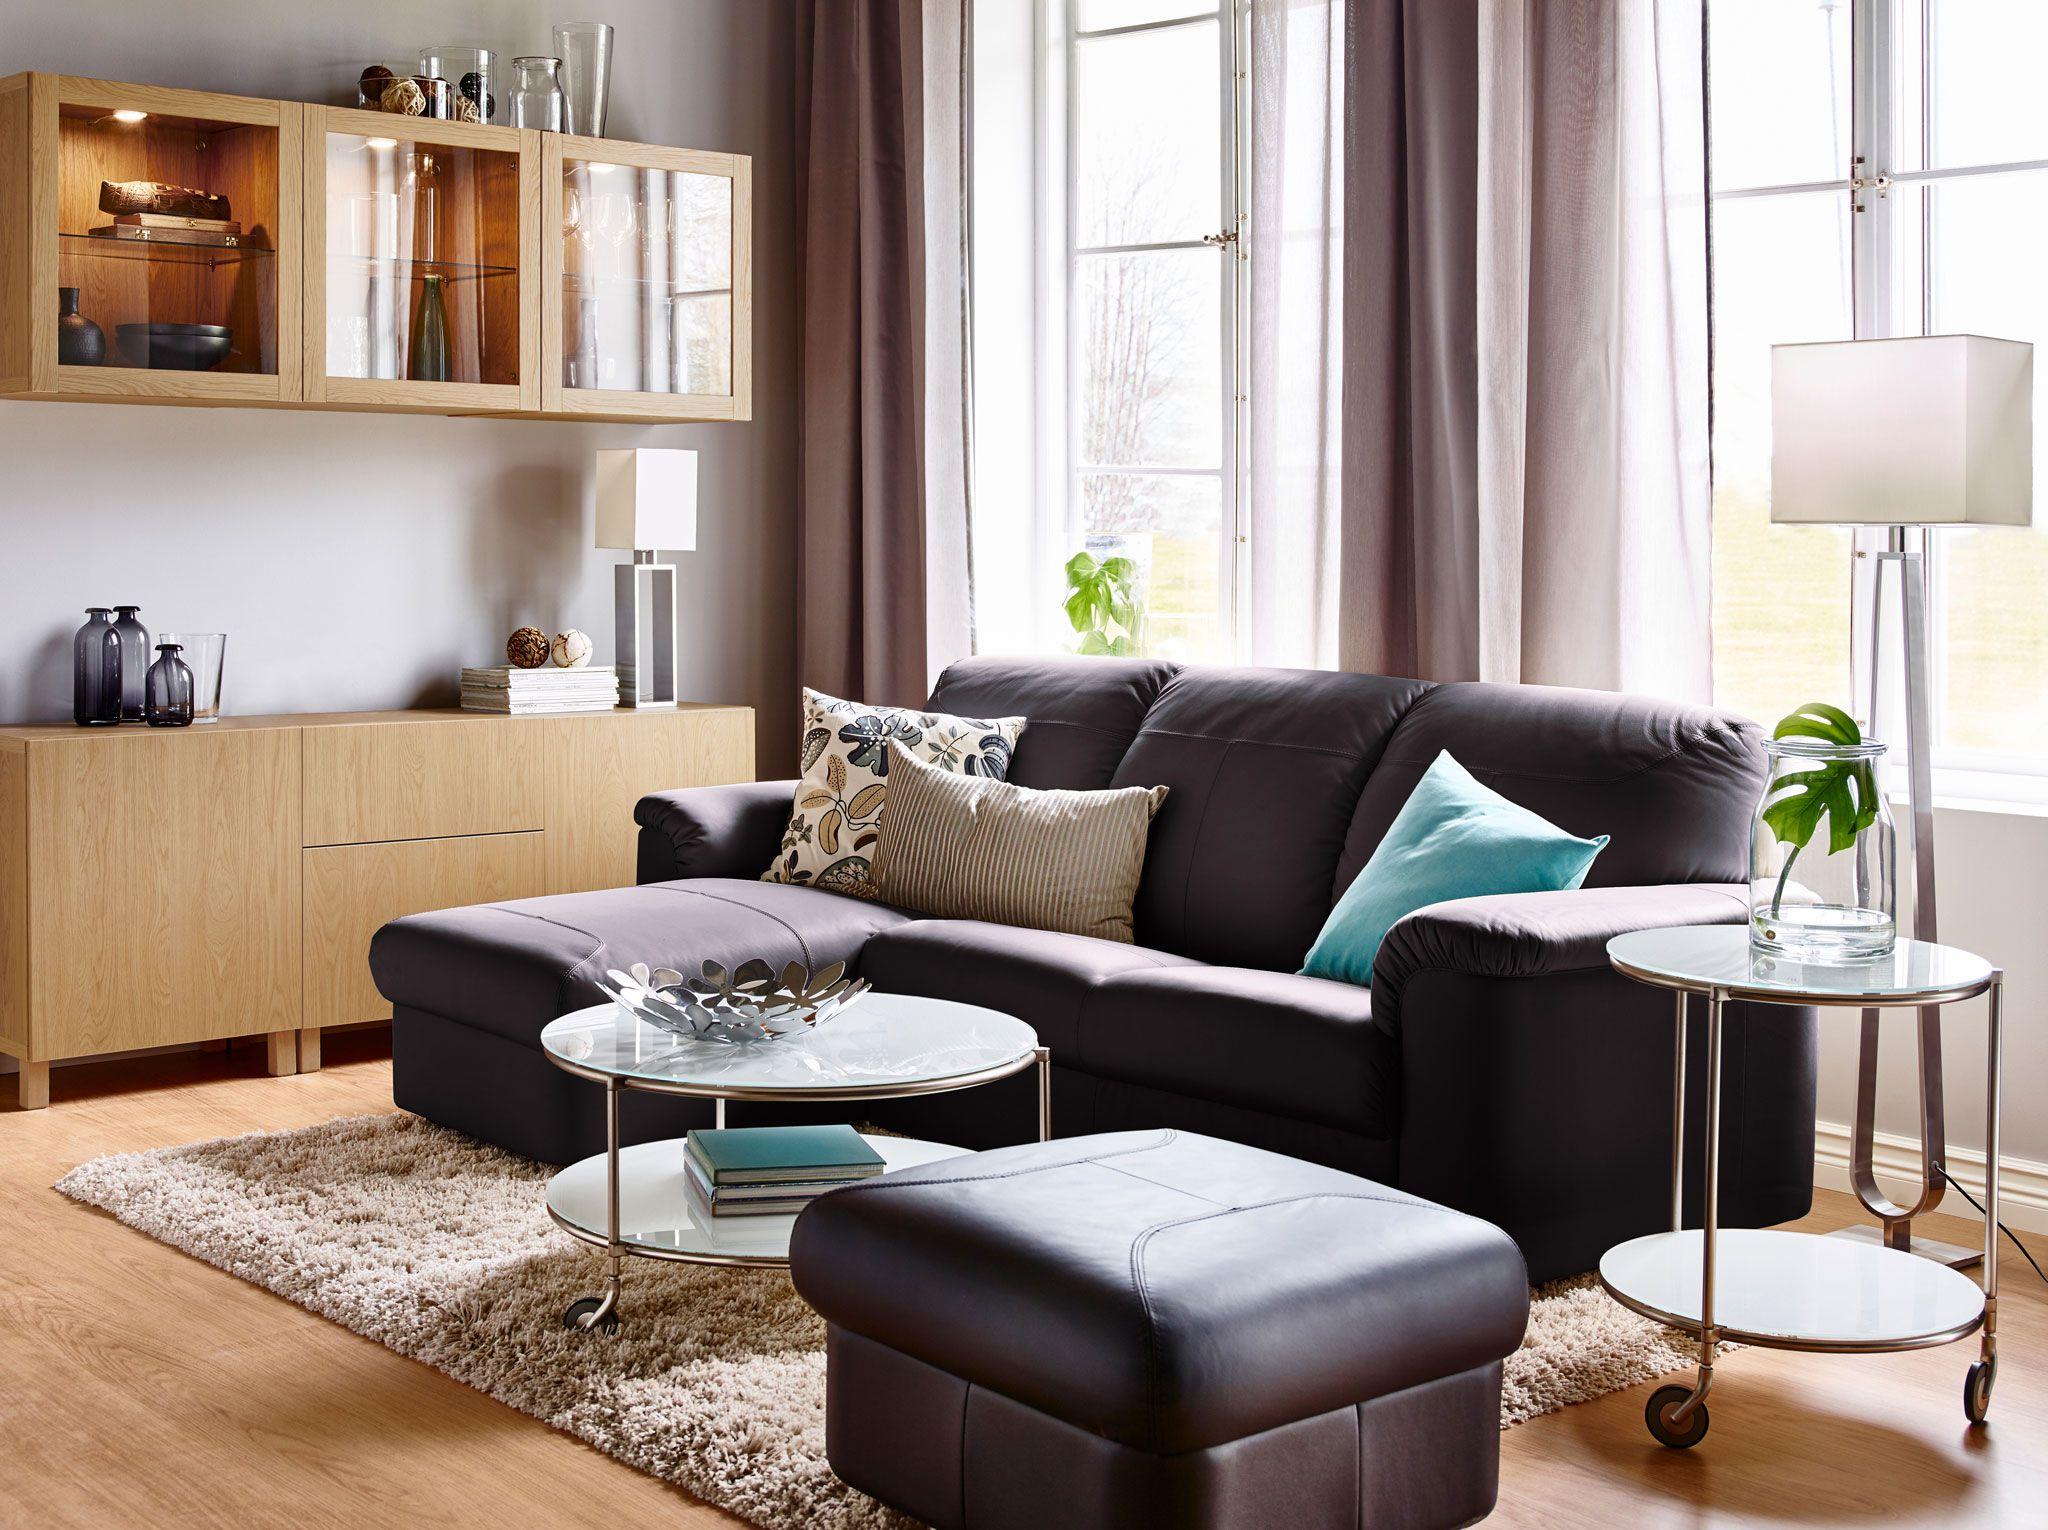 Atemberaubende Wohnzimmer Möbel Dublin Wohnzimmer Gemütliches Wohnzimmer  Ideen Kommen Einfach, Wenn Sie Zulassen, Dass Ihre Dekoration Stil Zu  Blühen, ...